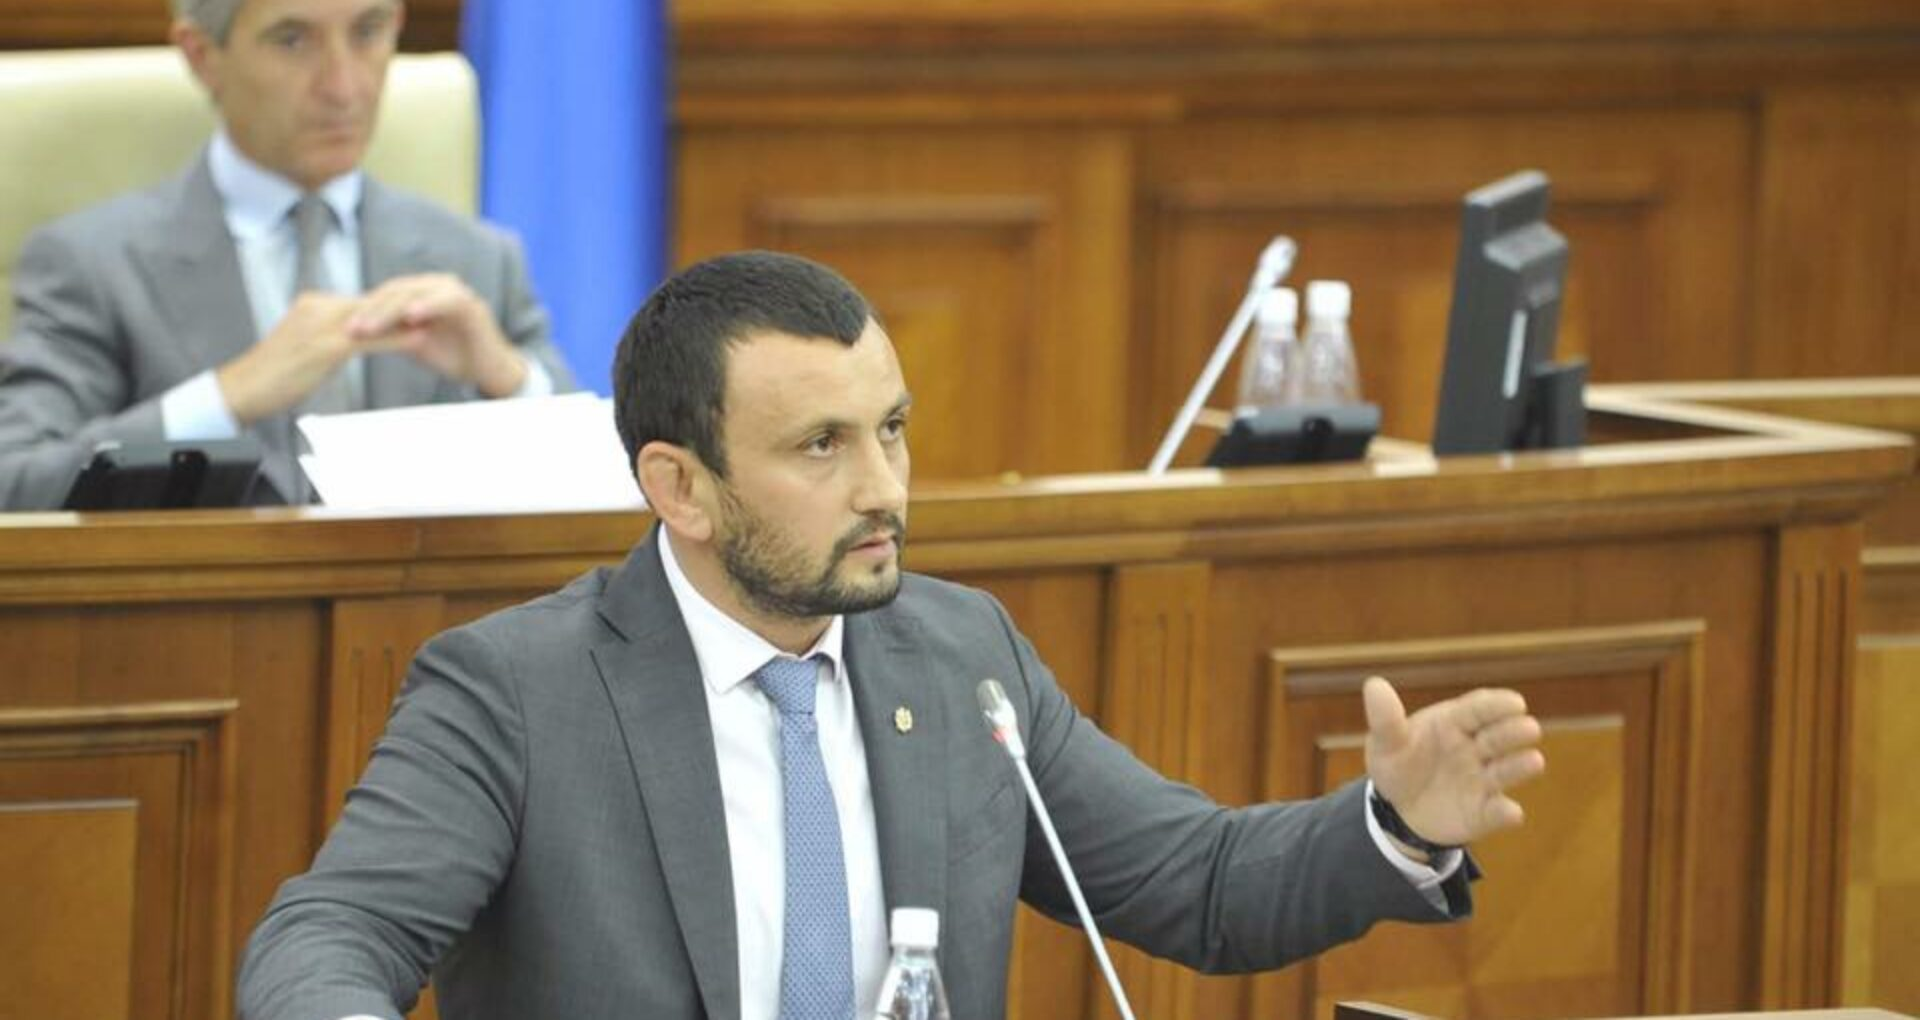 DOC/ Un fost deputat, reprezentat de fostul șef al CNI, a învins ANI în instanță. Decizia a fost luată de un magistrat judecat penal pentru îmbogățire ilicită